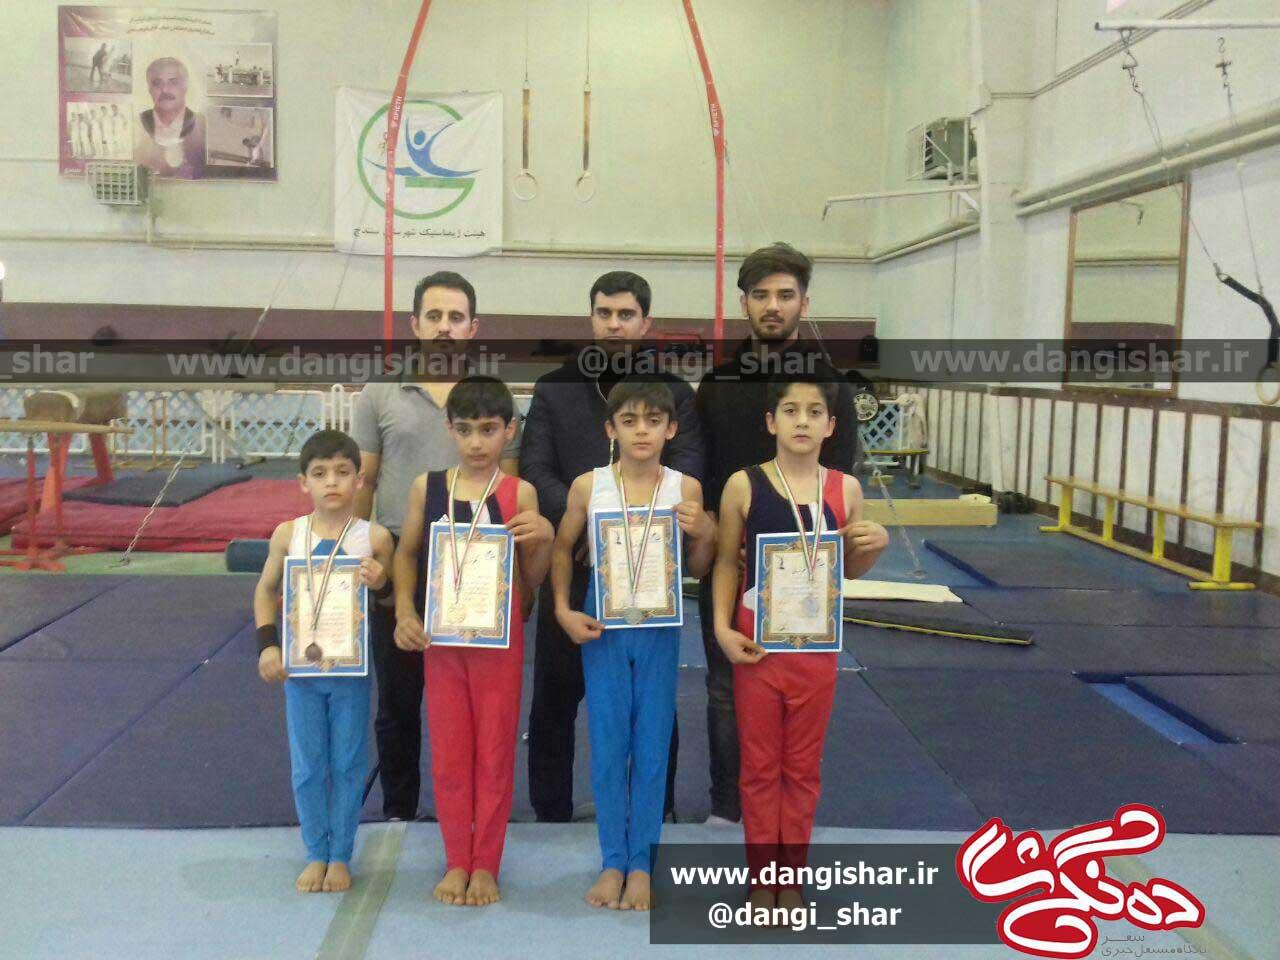 برگزاری مرحله دوم مسابقات لیگ ژیمناستیک نونهالان کردستان  در سنندج